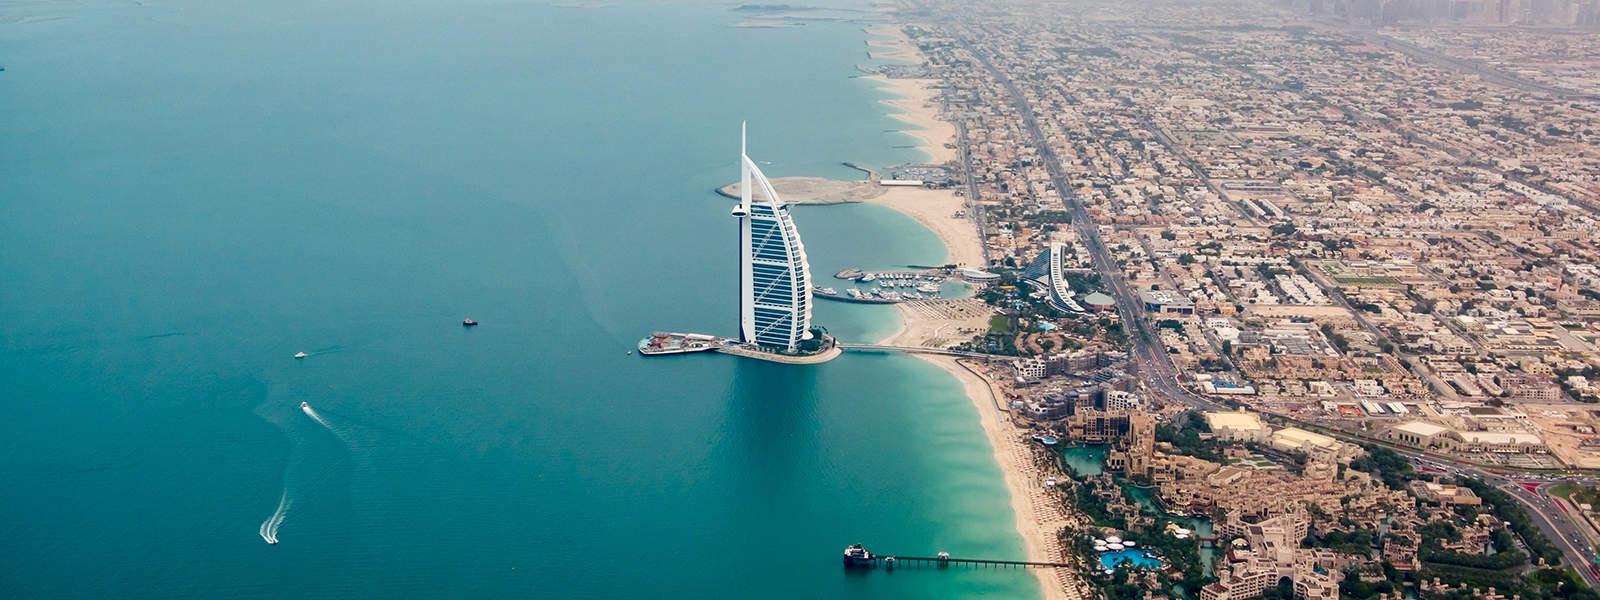 باكدج كروز سياحي 8 أيام بالشرق الأوسط